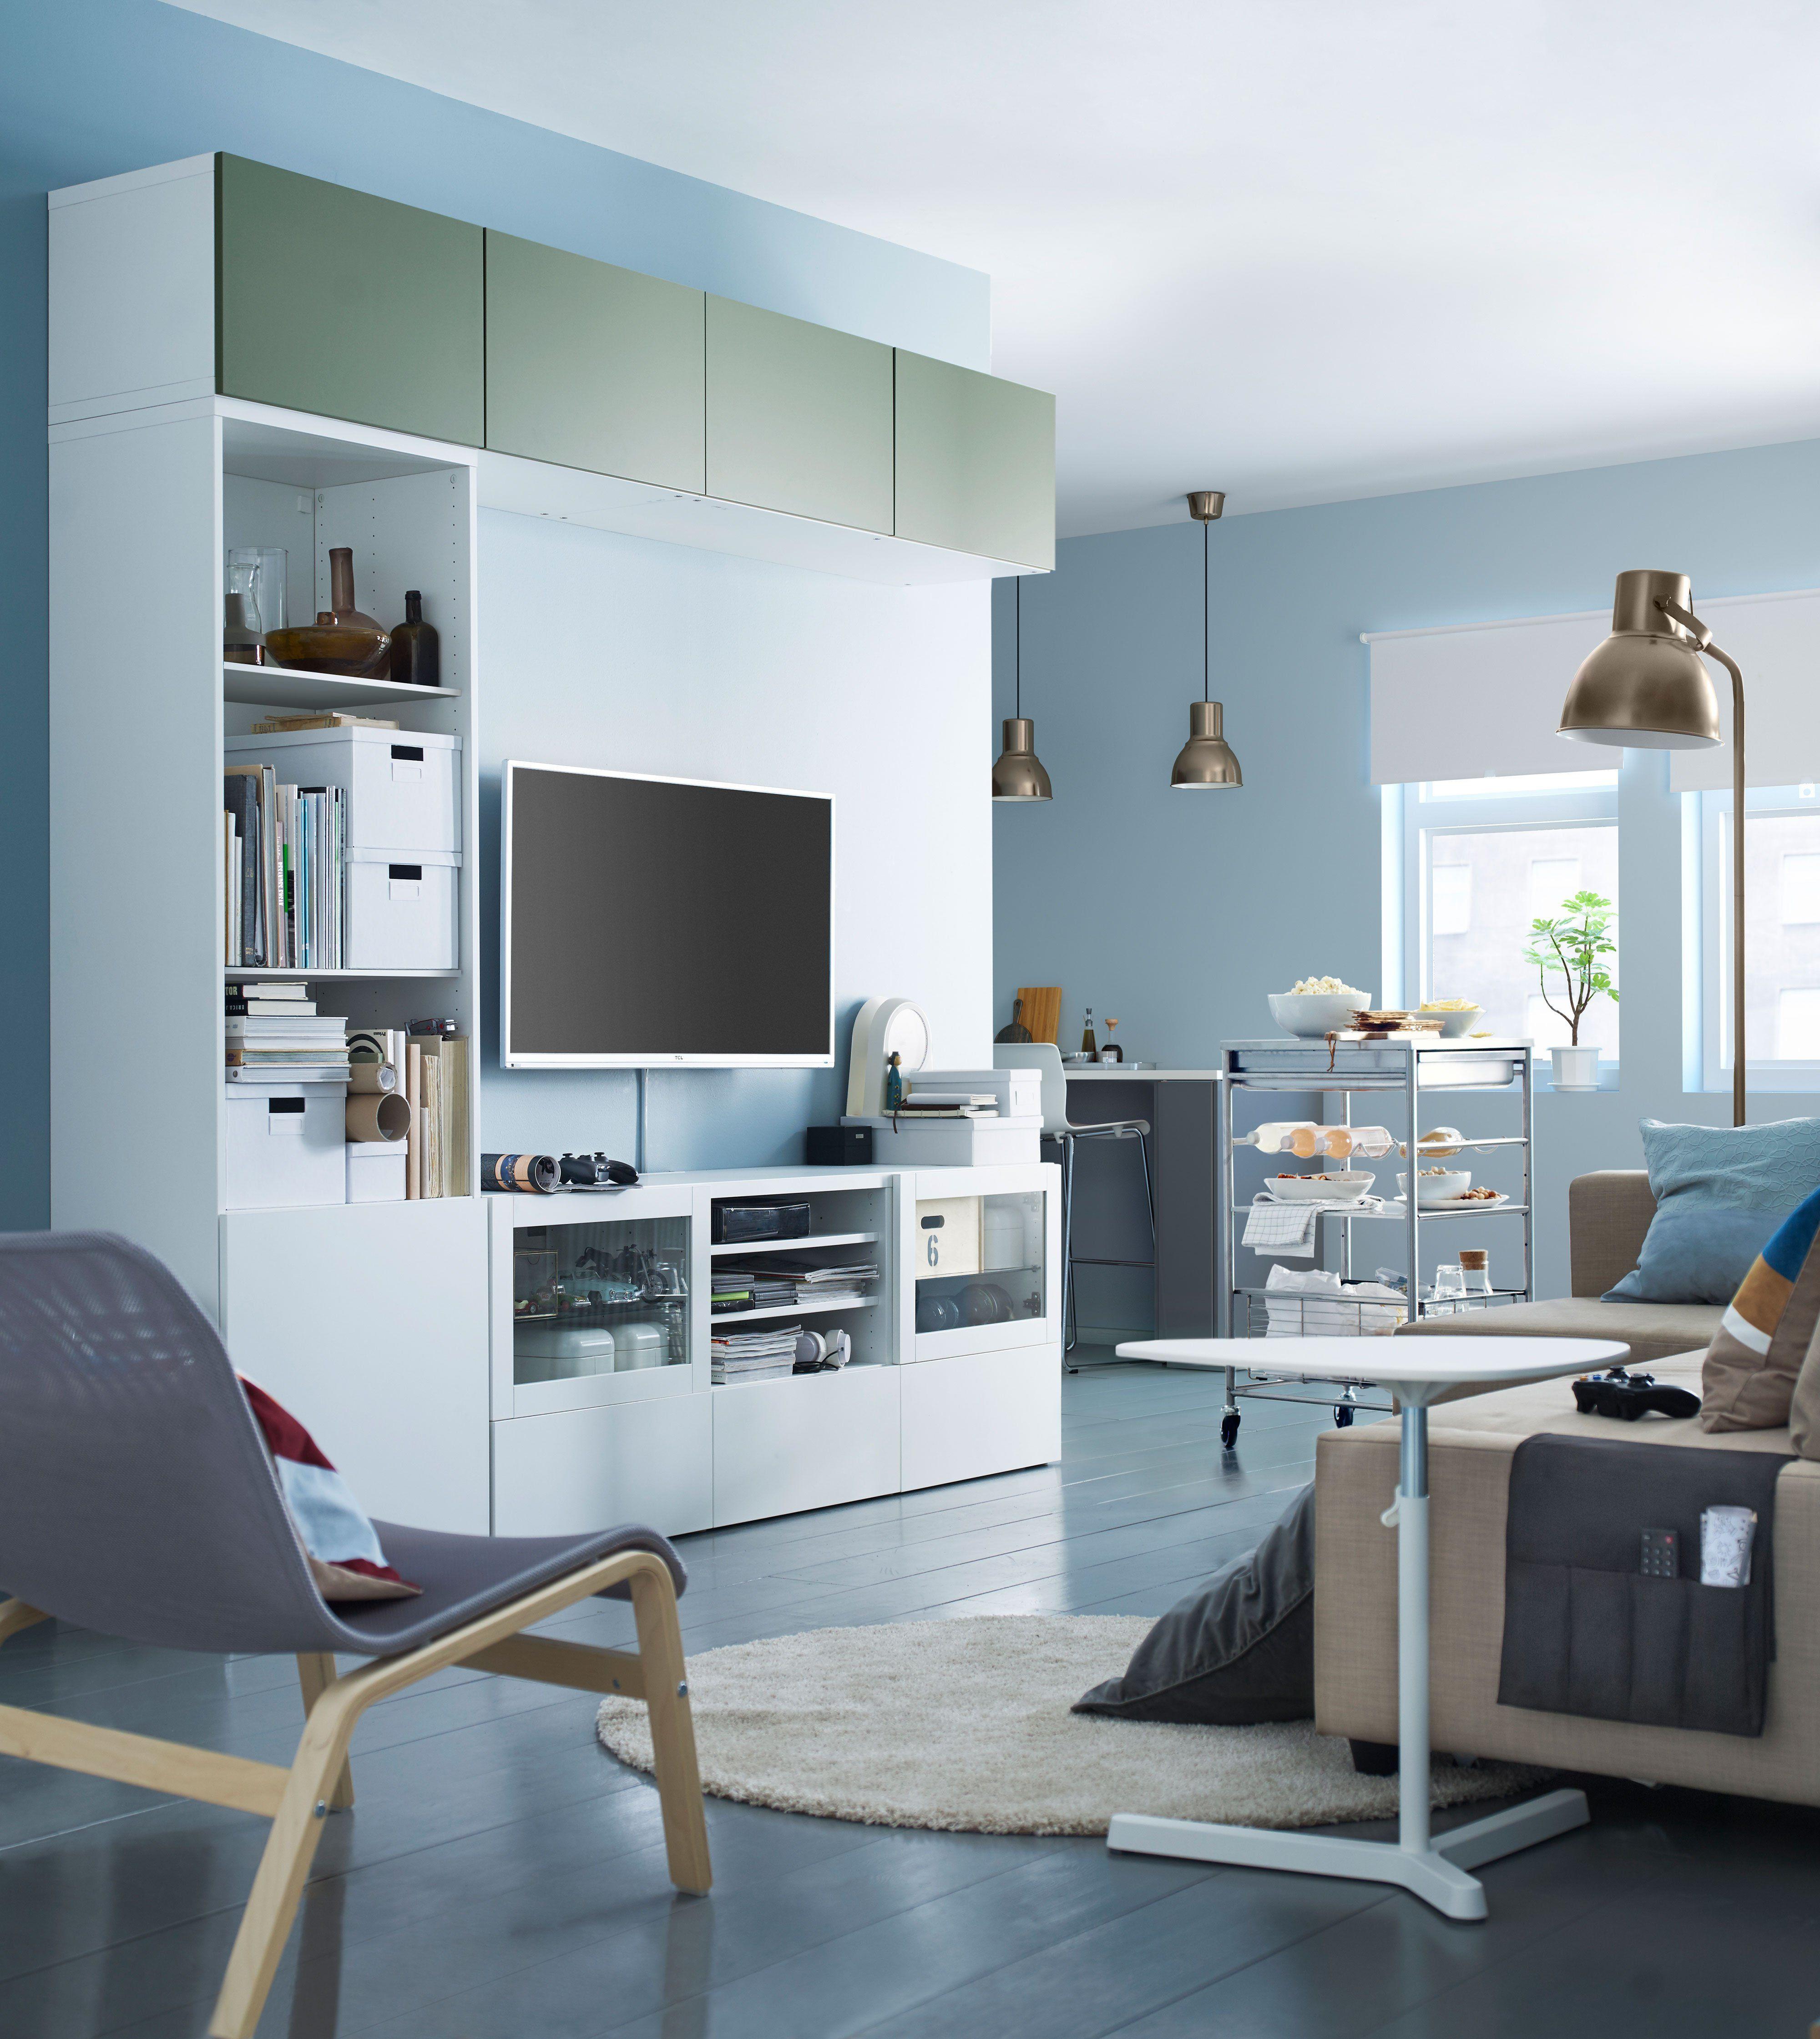 Ikea Wohnzimmer  Ikea Wohnzimmer PH · Ratgeber Haus & Garten